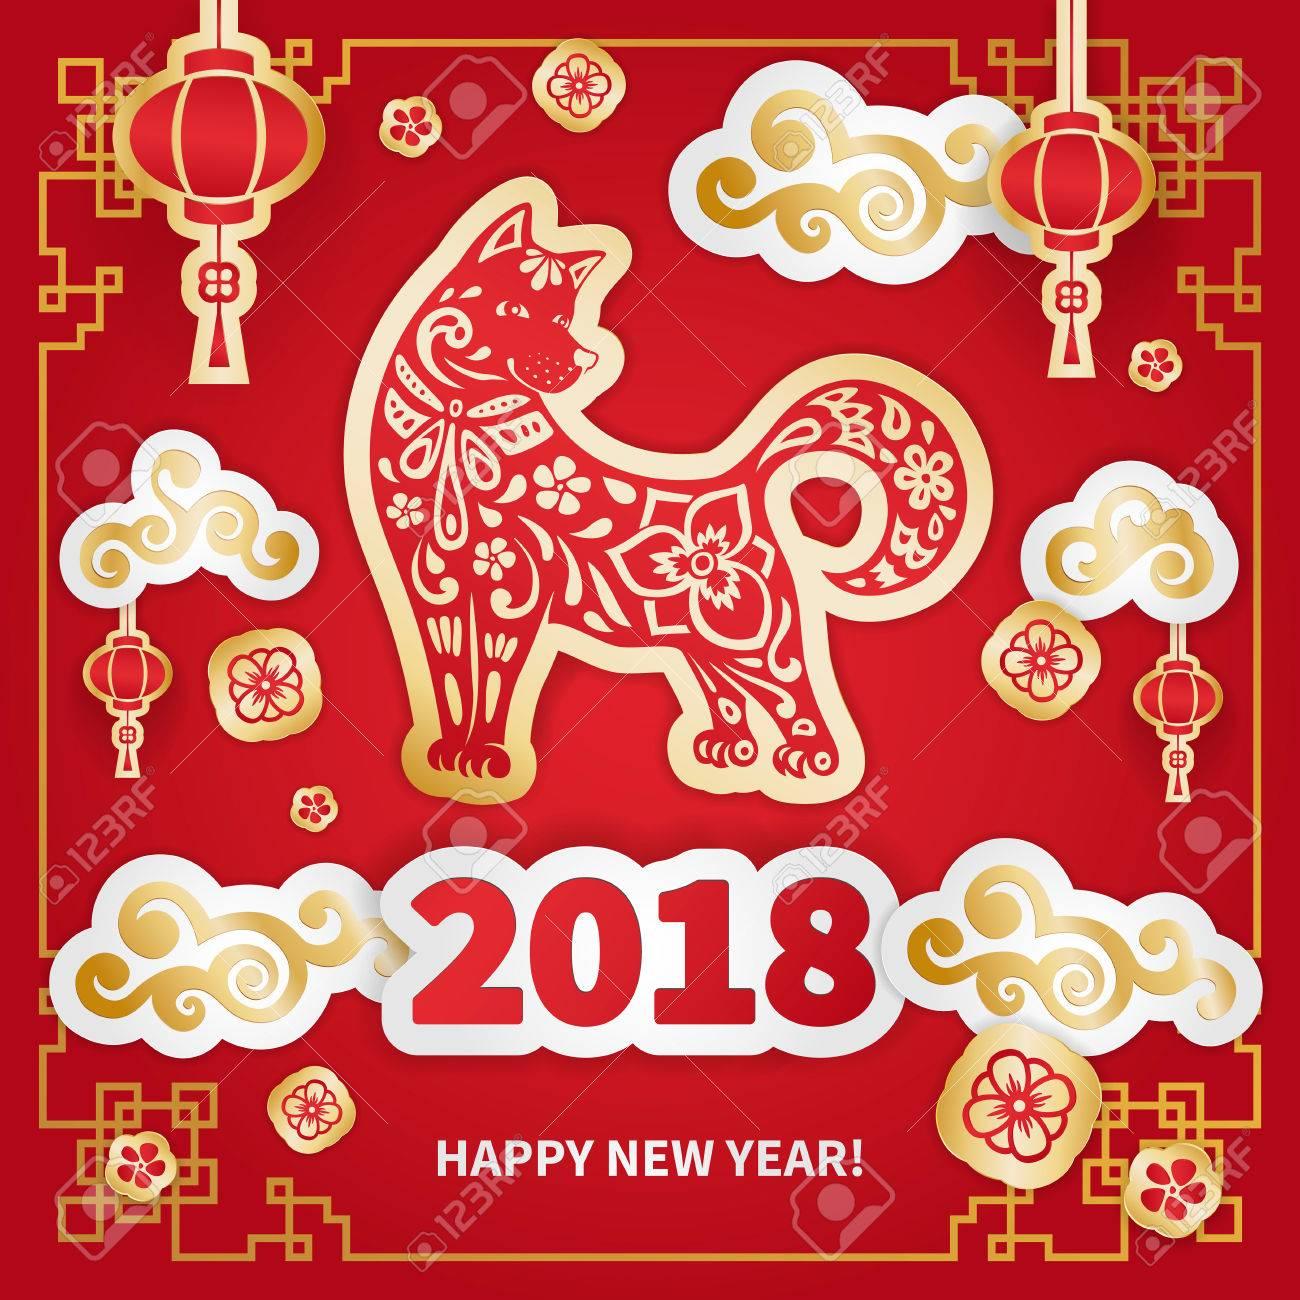 El Perro Es Un Símbolo Del Año Nuevo Chino 2018. Diseño De Arte De ...